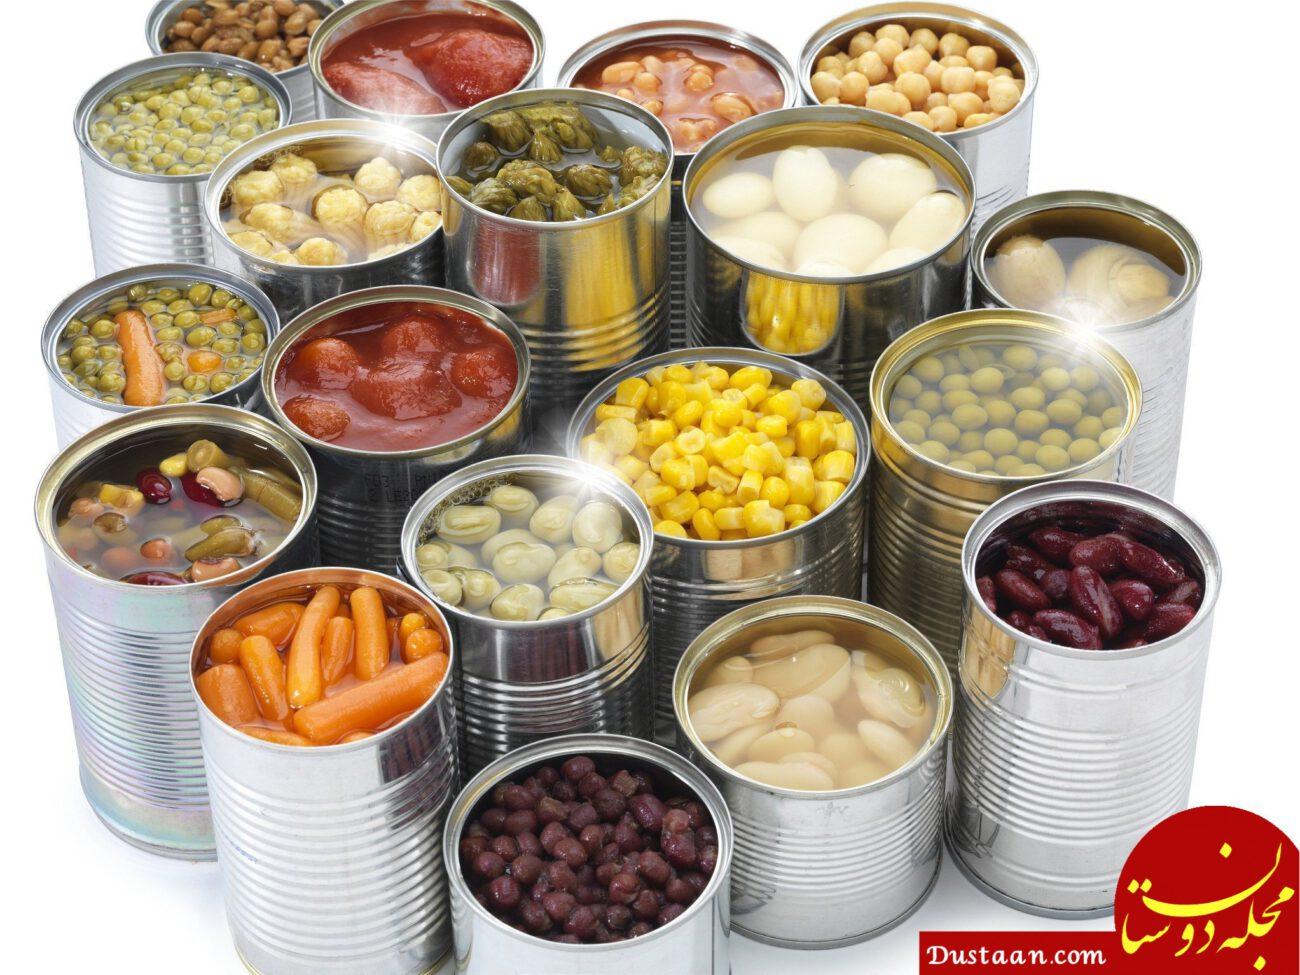 www.dustaan.com نکاتی که در مورد غذاهای کنسروی باید بدانیم